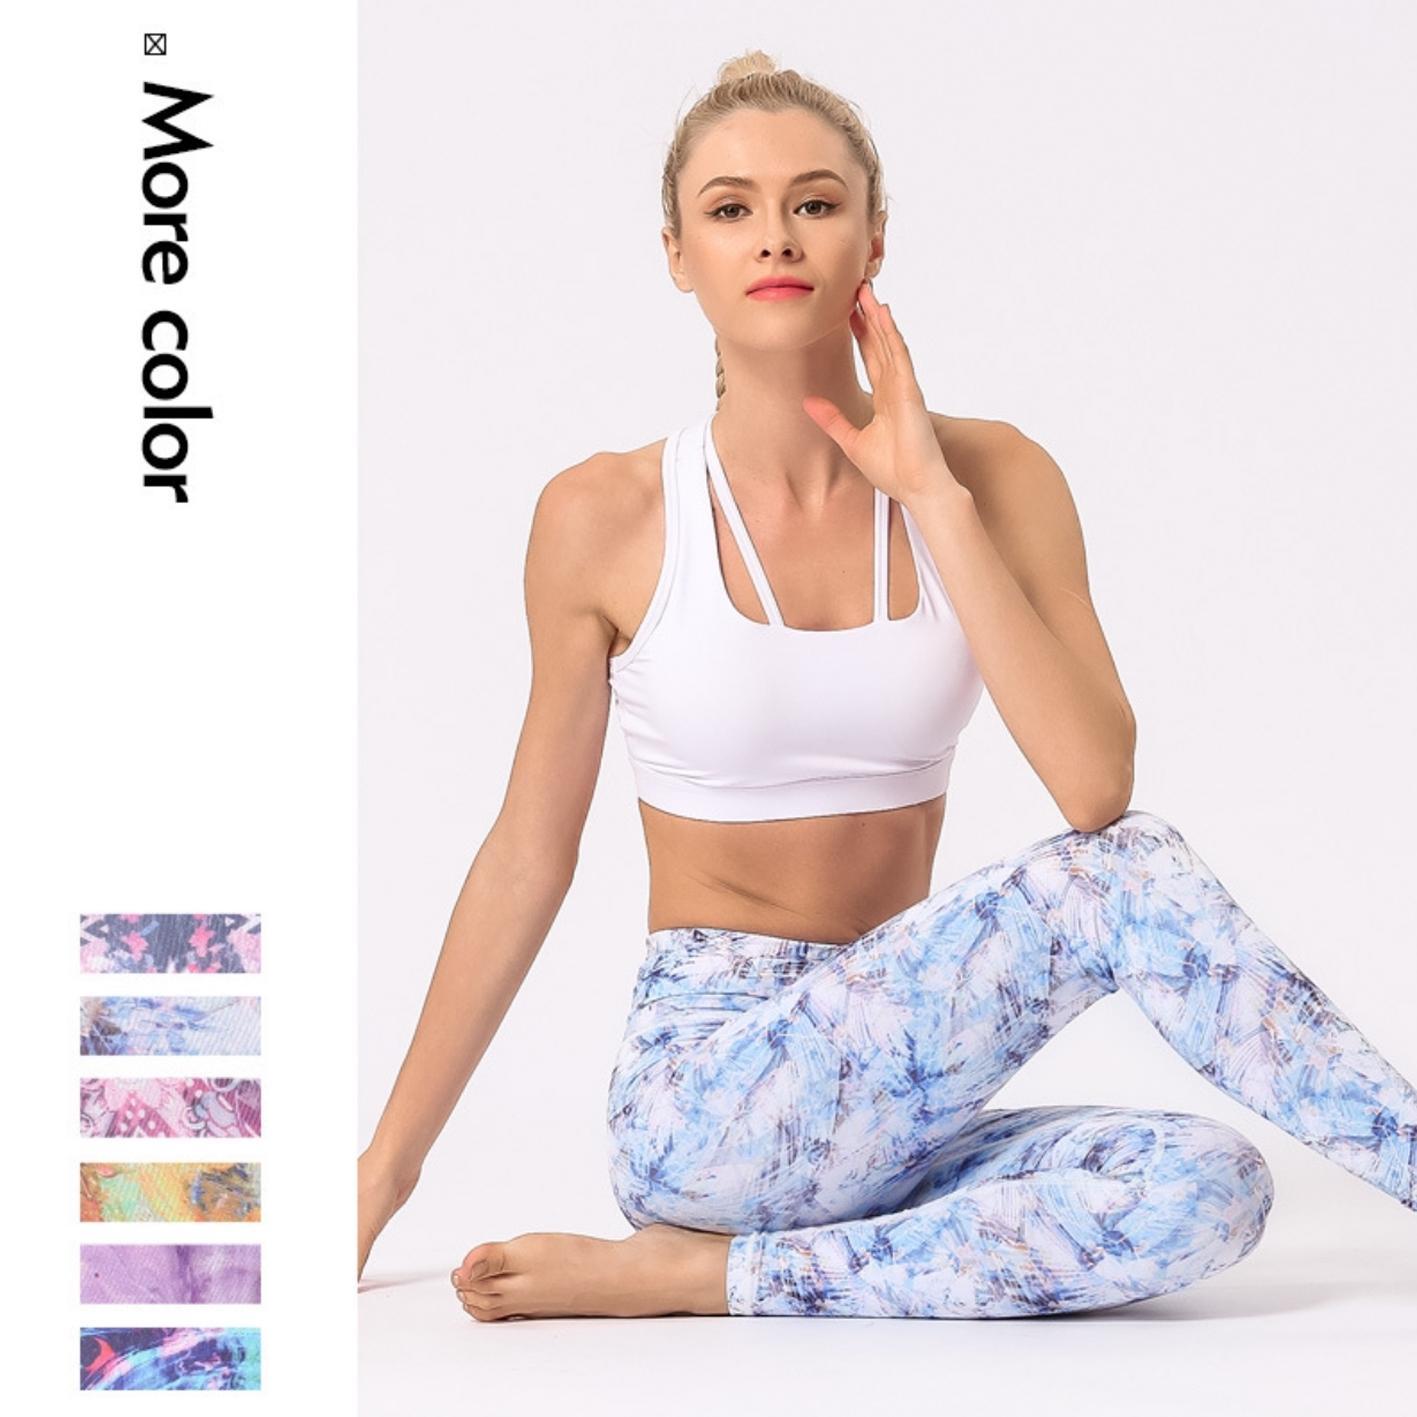 Neue schnelle hohe Stretchdruck-Yogahose für Frauen Bewegung und Fitness atmungs Lift Hüfte Blumen Strumpfhosen für Frauen trocknen